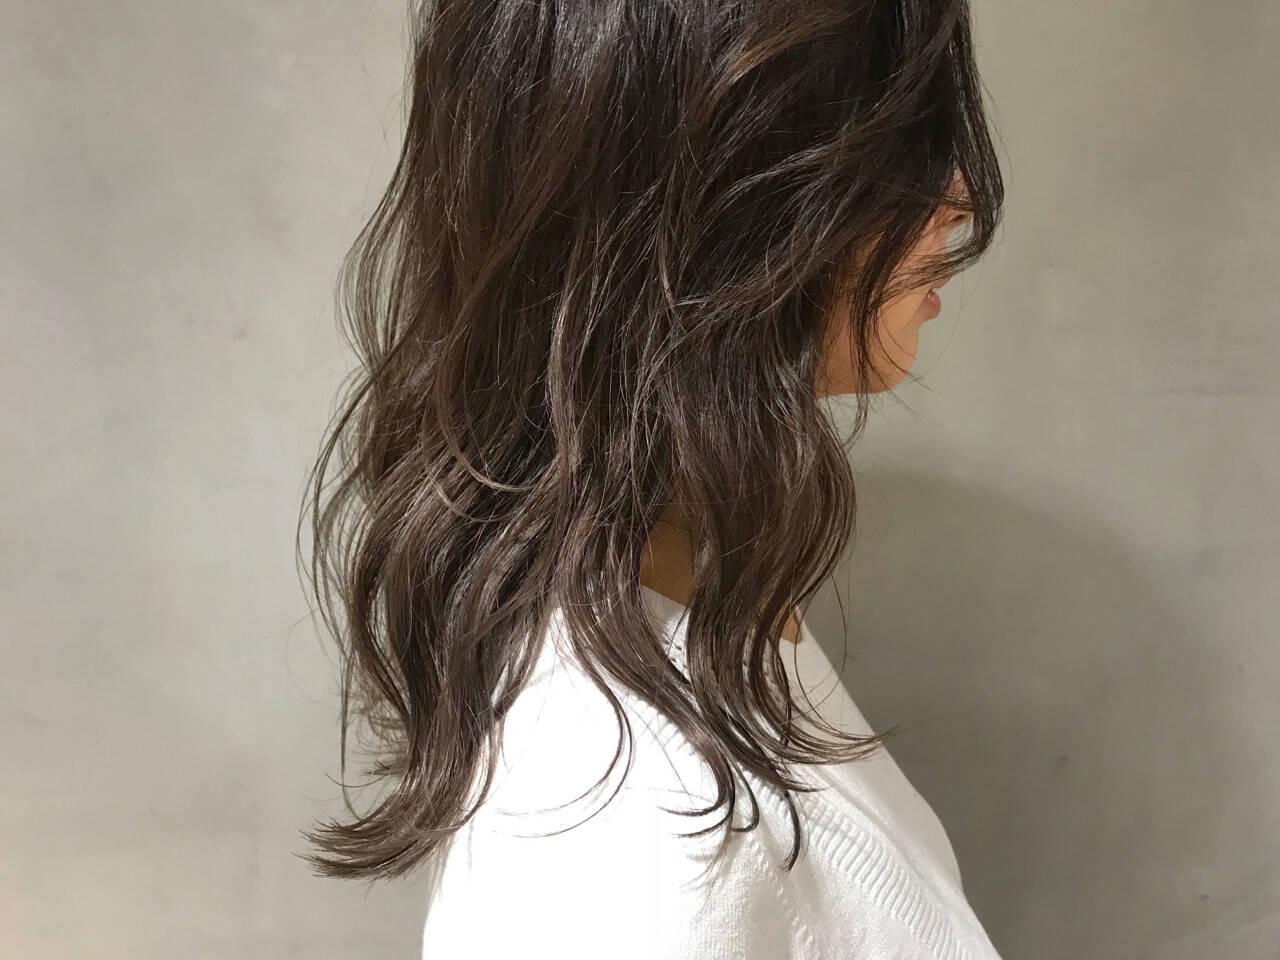 ウェーブ セミロング 透明感 ラフヘアスタイルや髪型の写真・画像